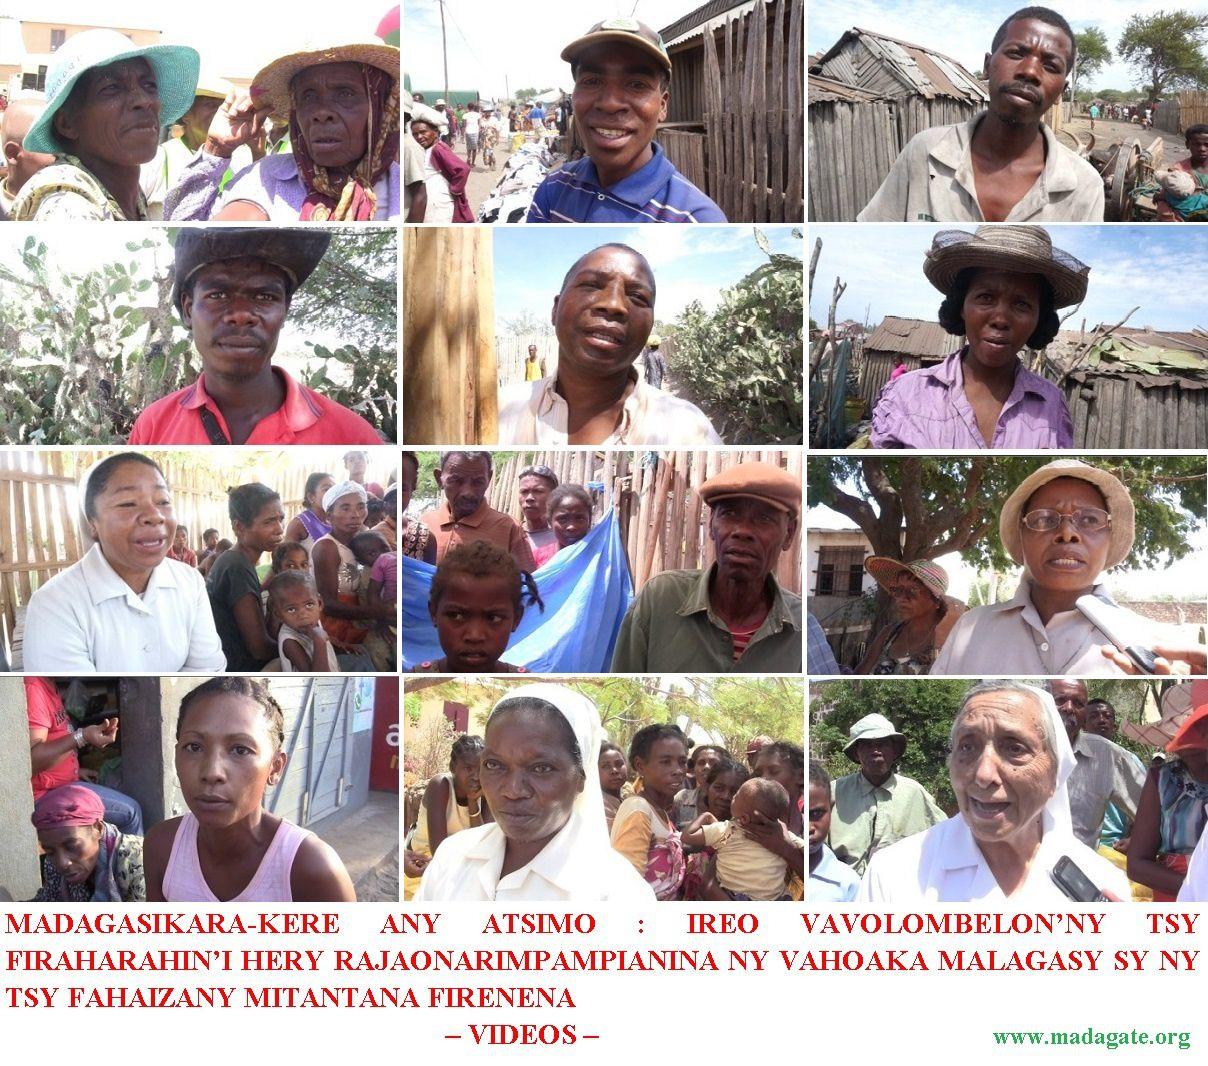 MADAGASIKARA-KERE ANY ATSIMO: IREO VAVOLOMBELON'NY TSY FIRAHARAHIN'I HERY RAJAONARIMPAMPIANINA NY VAHOAKA MALAGASY SY NY TSY FAHAIZANY MITANTANA FIRENENA – VIDEOS –